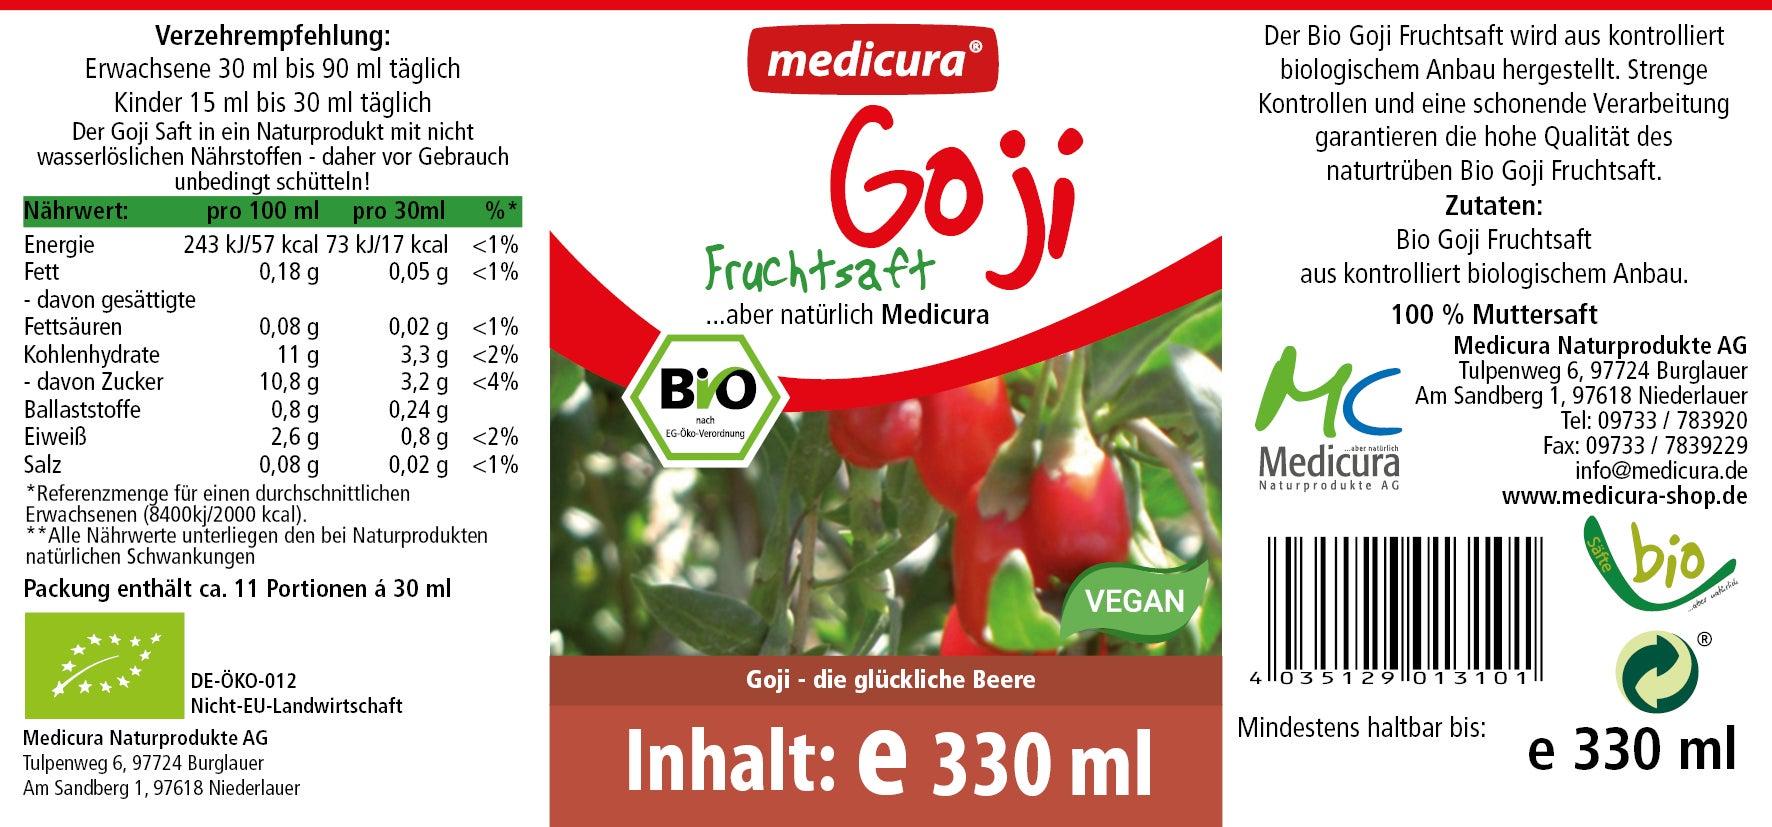 Bio Goji 100 % Fruchtsaft - 330 ml Glasflasche